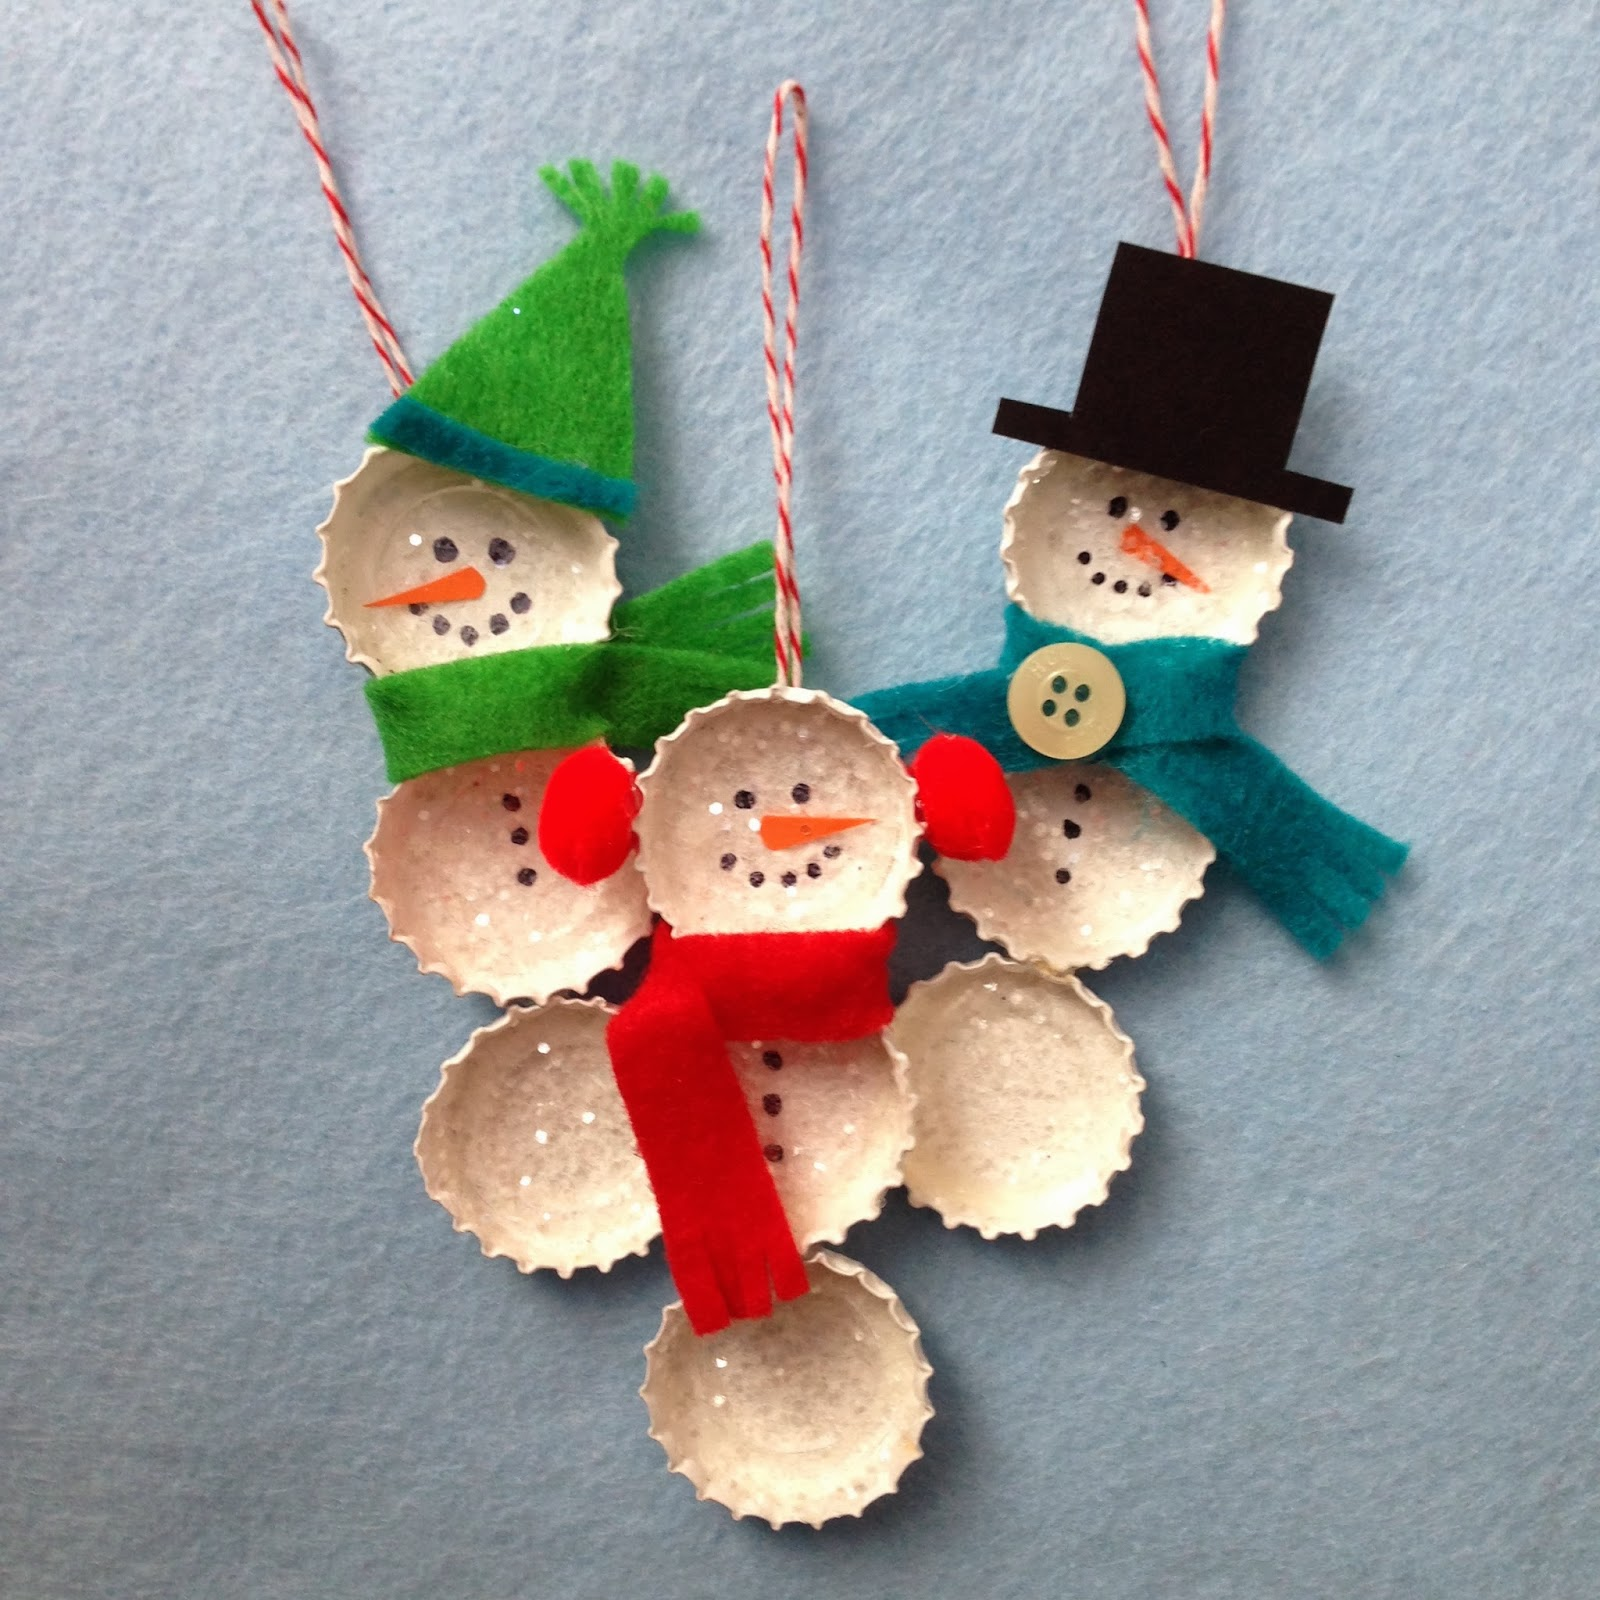 Christmas Crafts To Make: Crafty Lumberjacks: Bundled Bottle Cap Snowmen